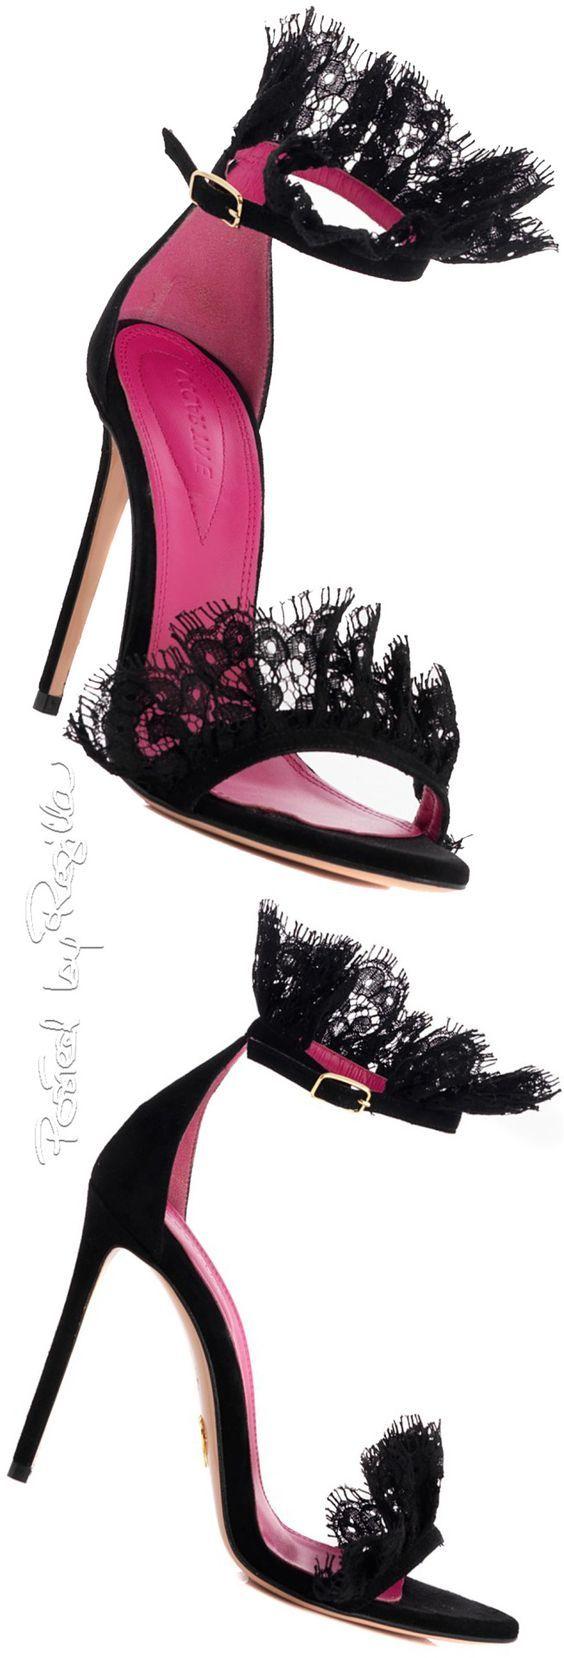 Laces Shoes Ditemi se non sono adorabili?